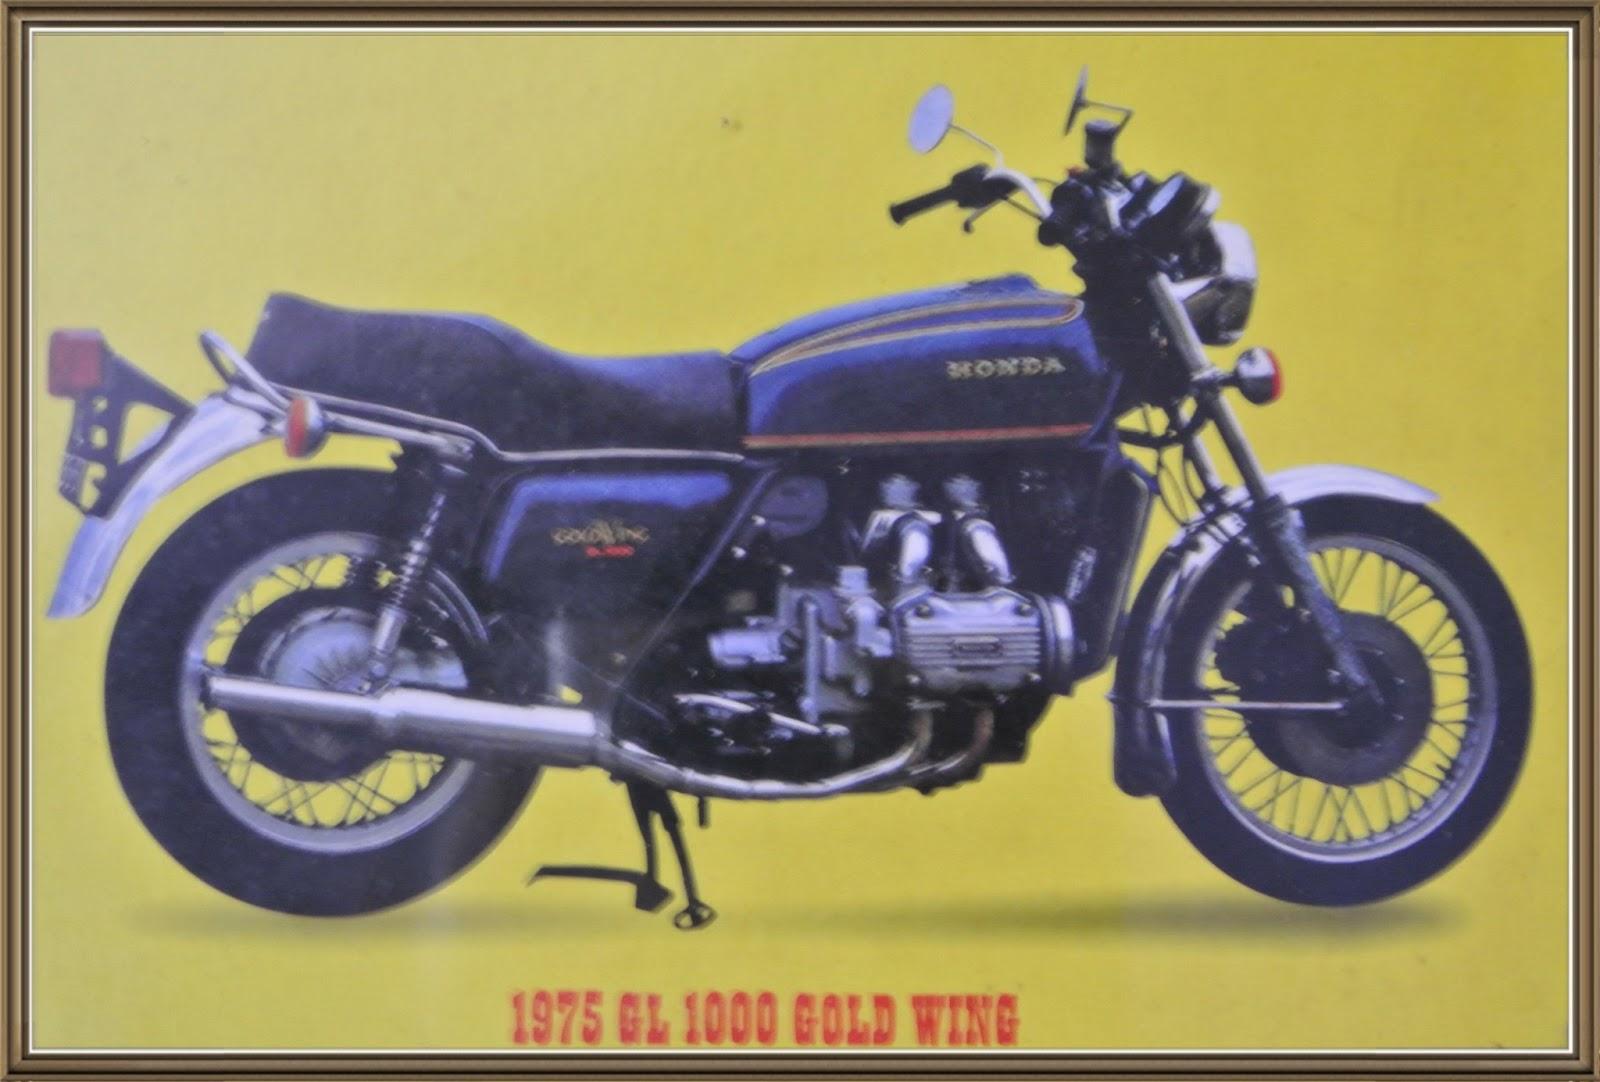 dunia tanpa sempadan MOTOR LAMA HONDA DARI TAHUN 19661975